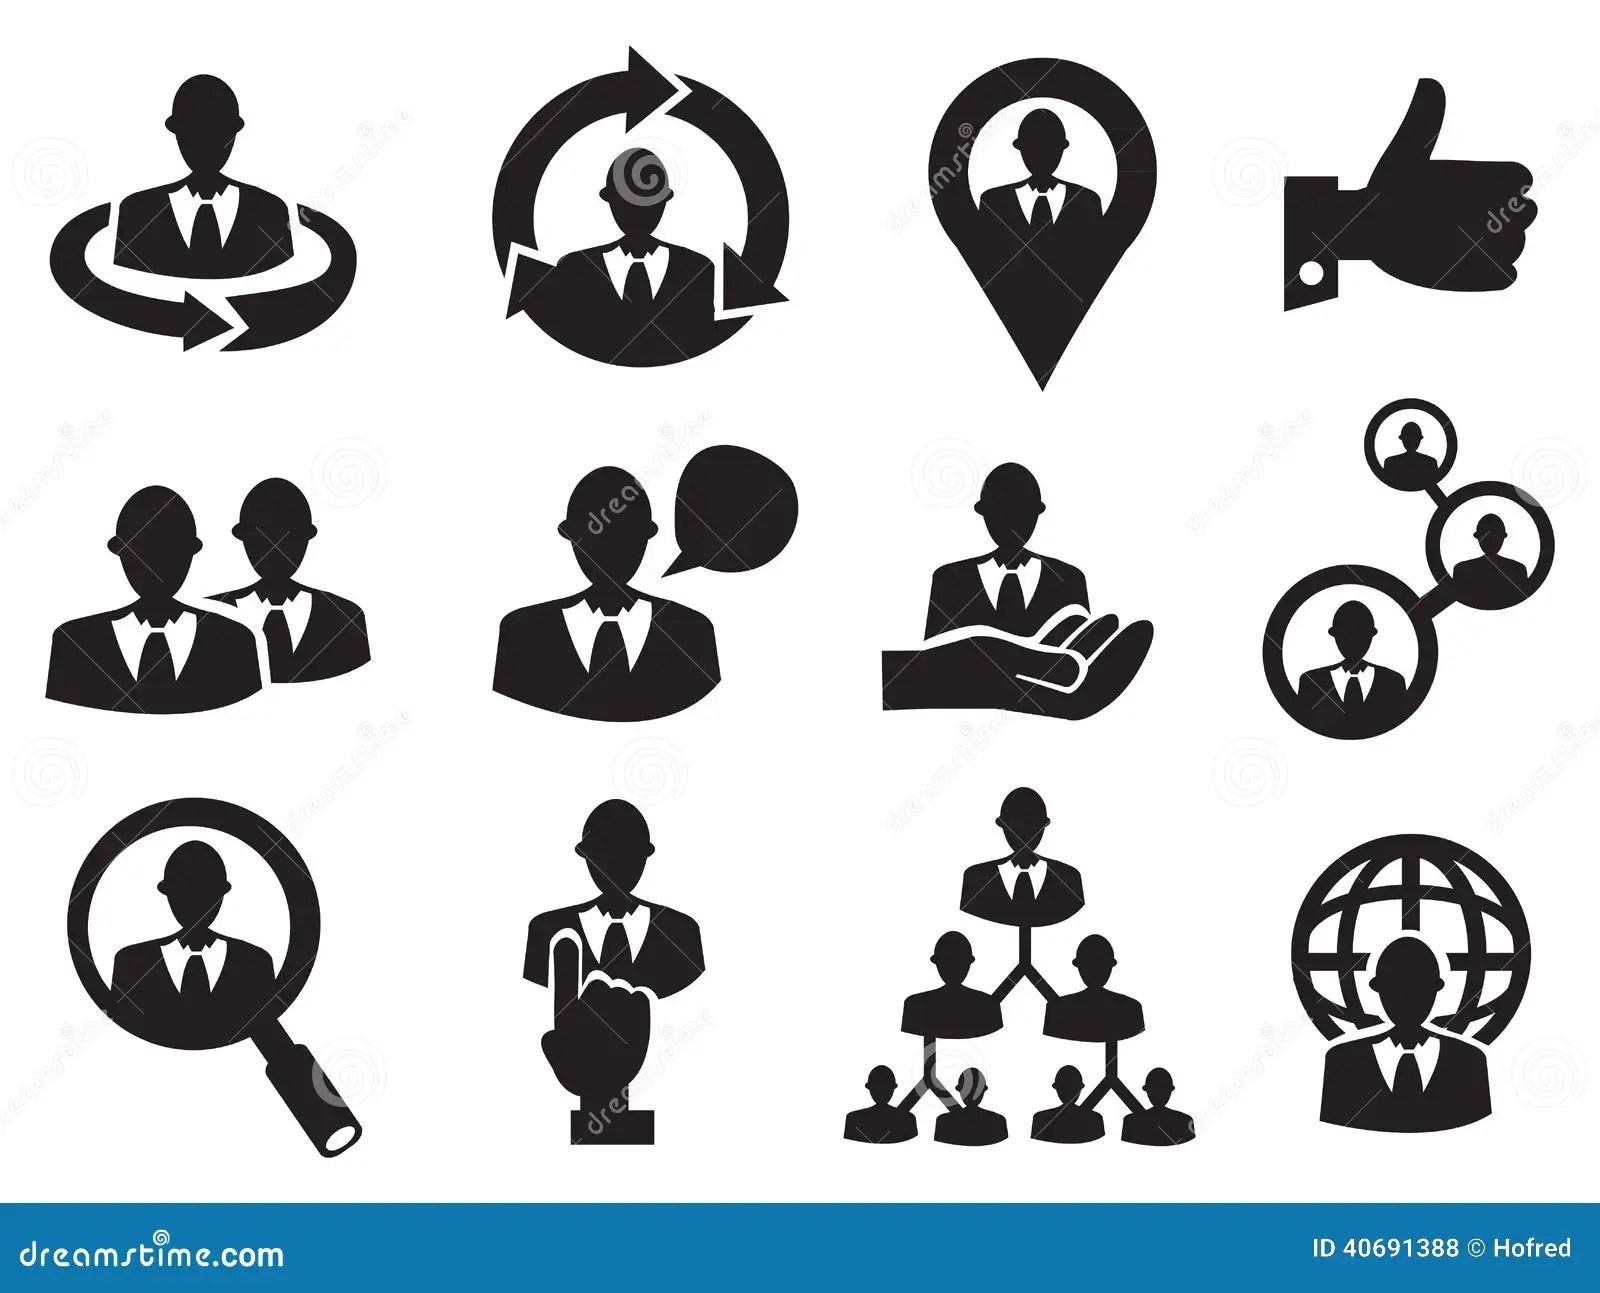 Icone Do Homem De Negocio Ajustado Para Recursos Humanos